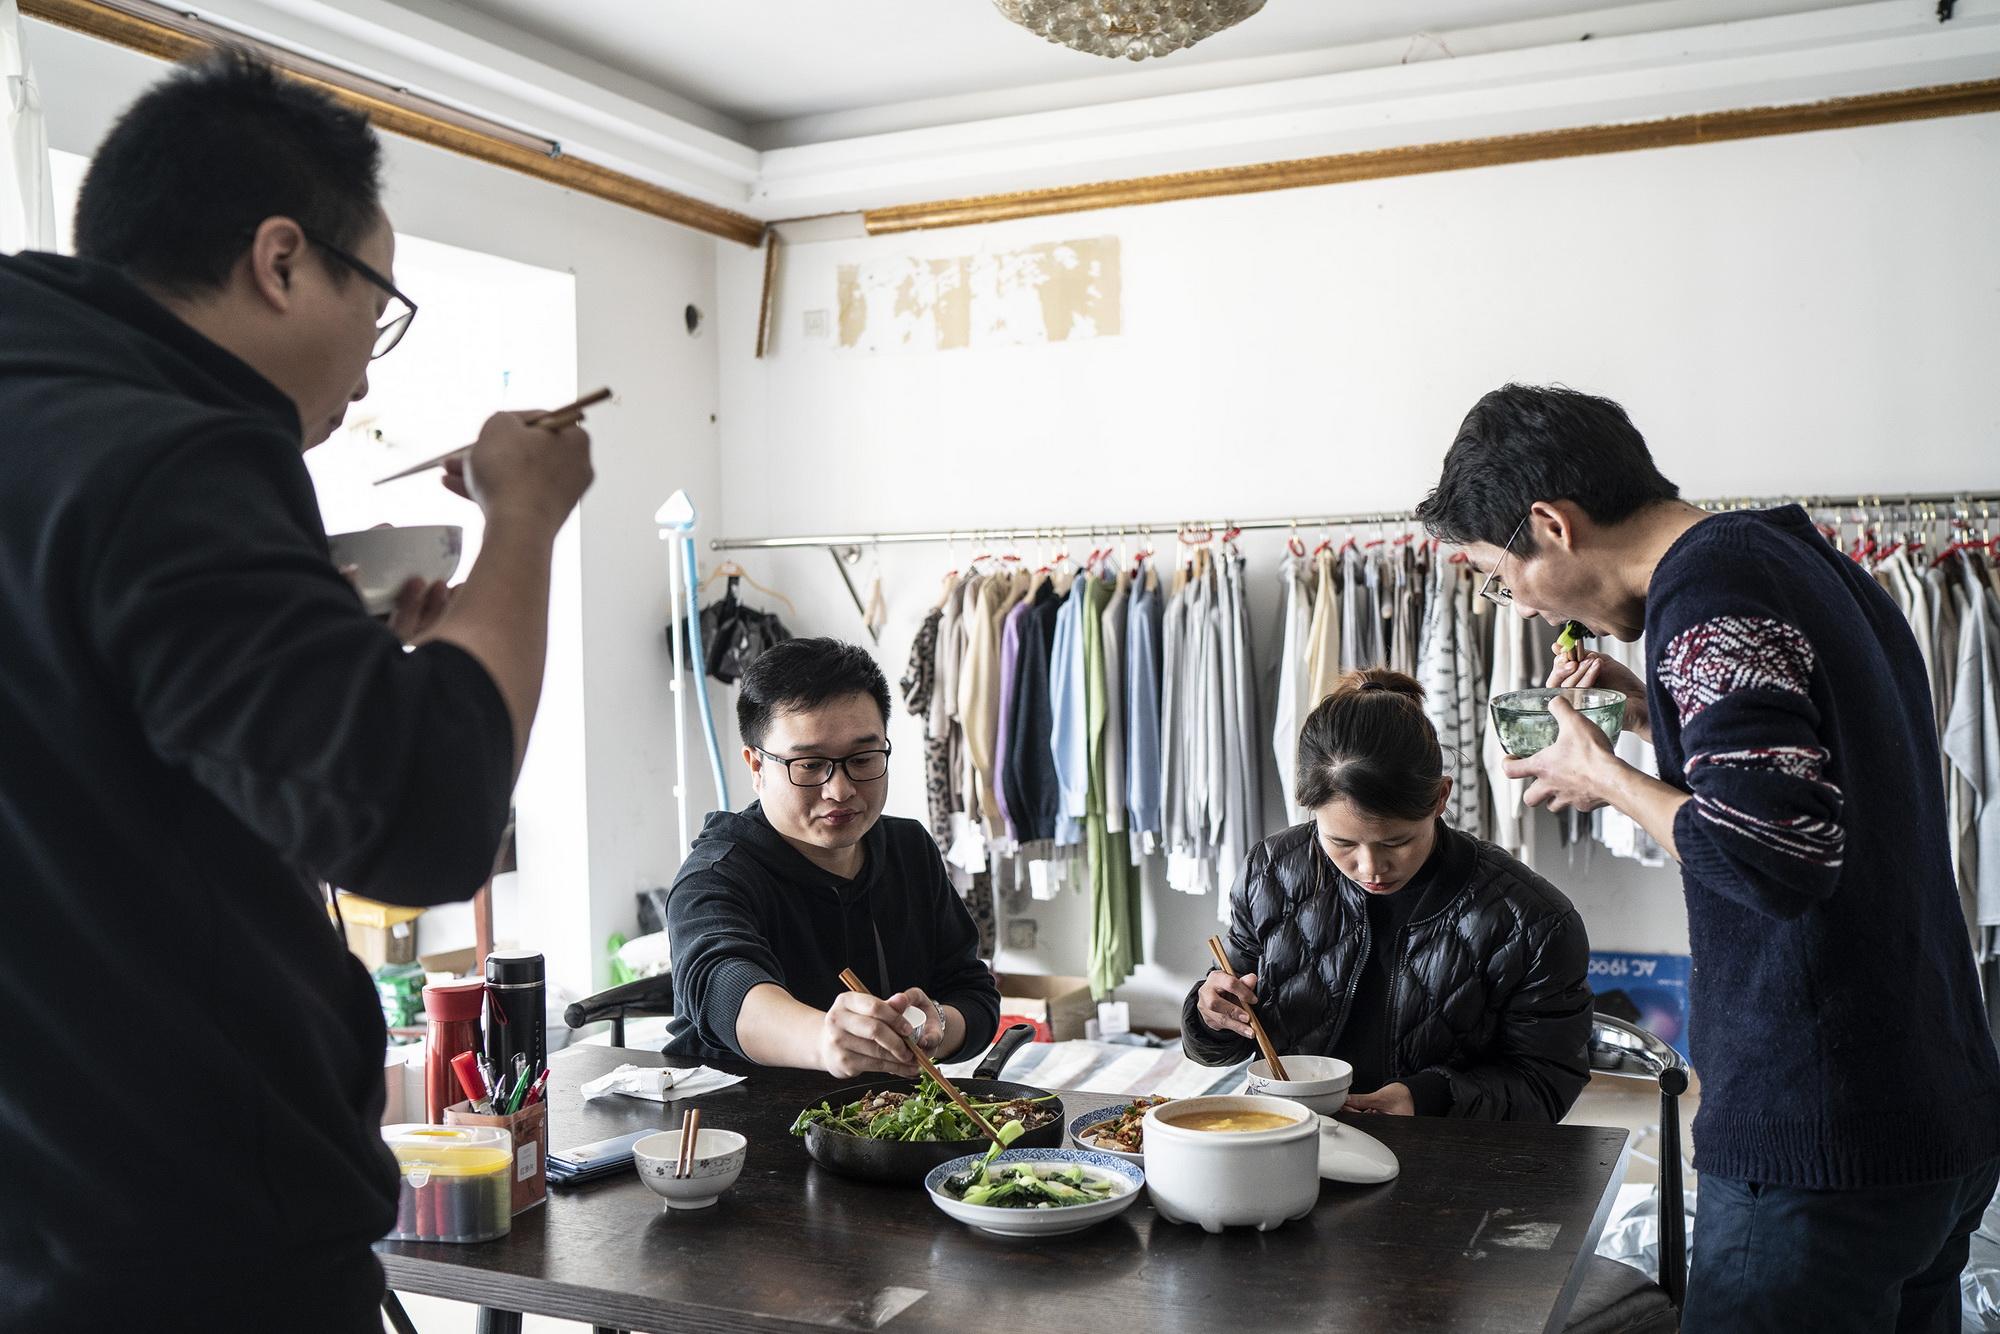 2020年2月20日,王体能和团队成员在工作室里一起吃午饭。